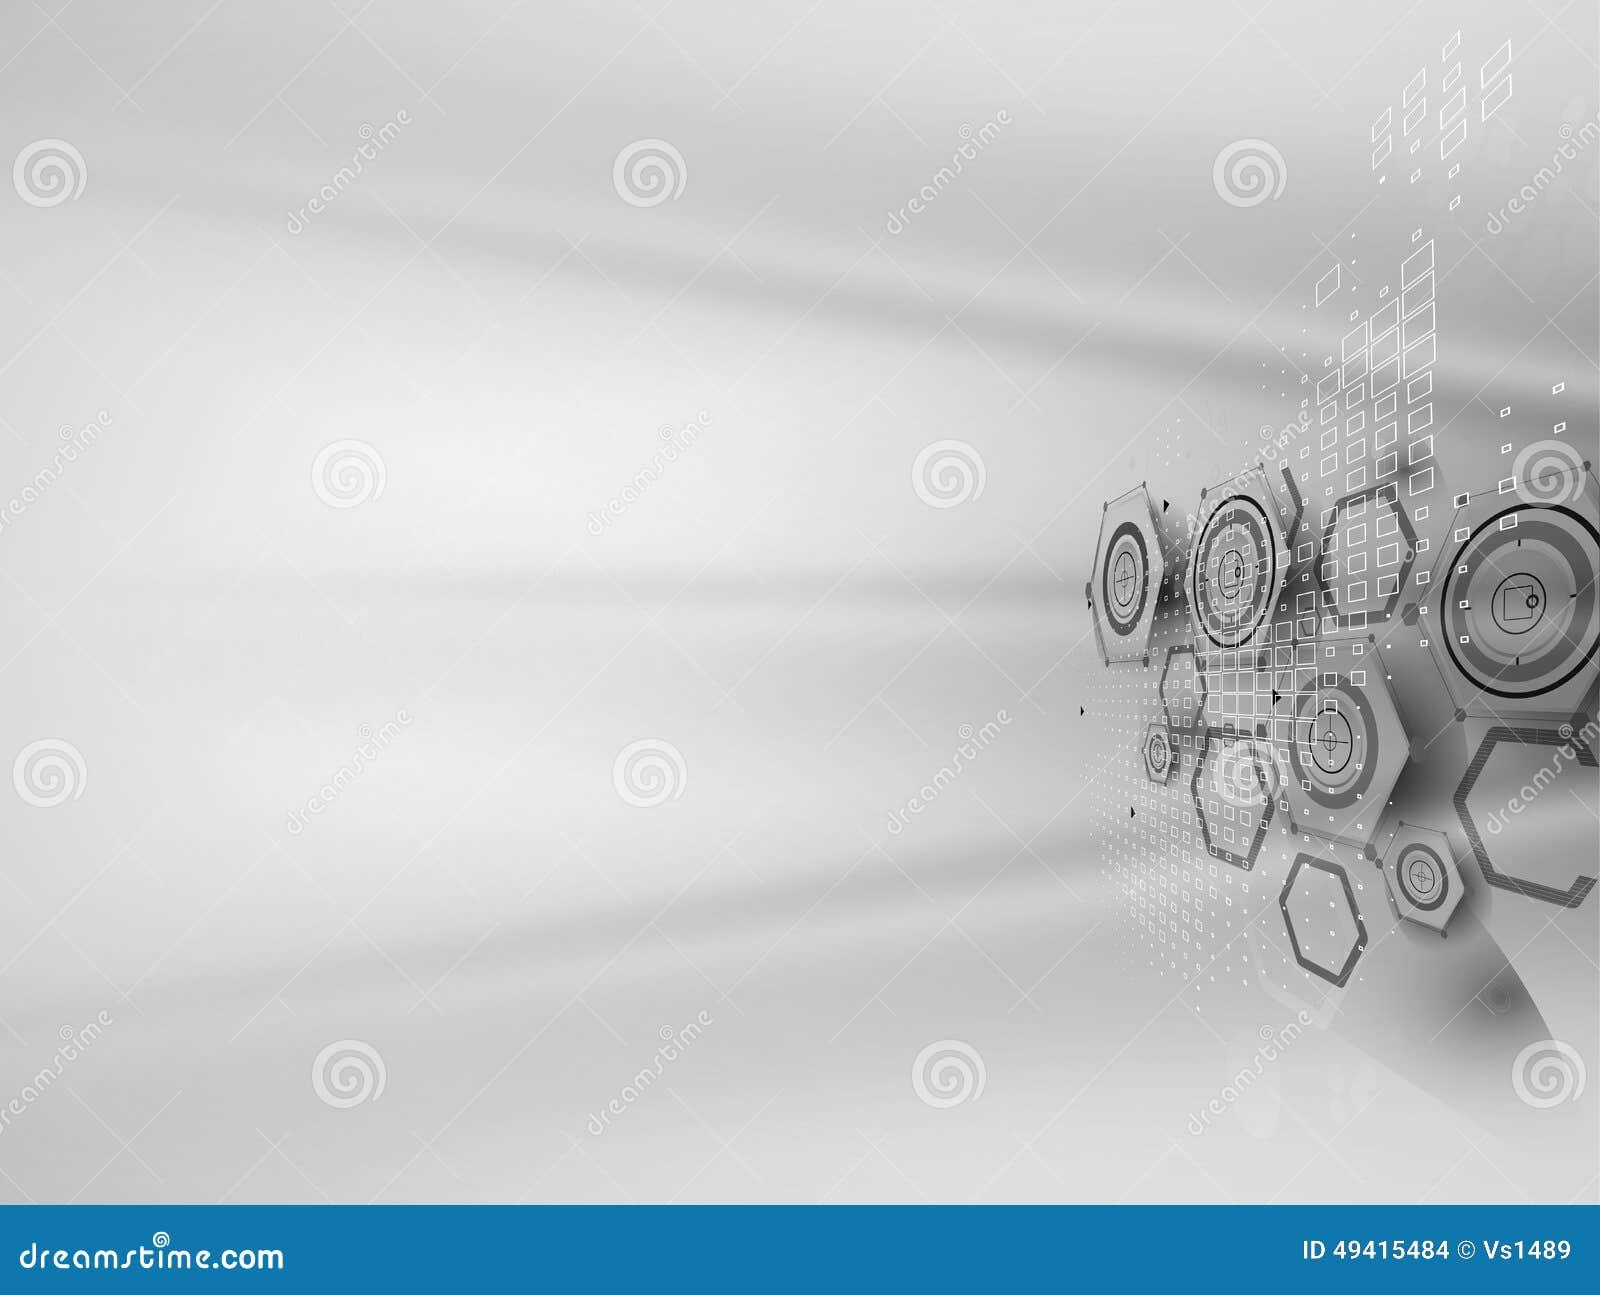 Download Bunter Abstrakter Geometrischer Hintergrund Für Design Stock Abbildung - Illustration von element, idee: 49415484